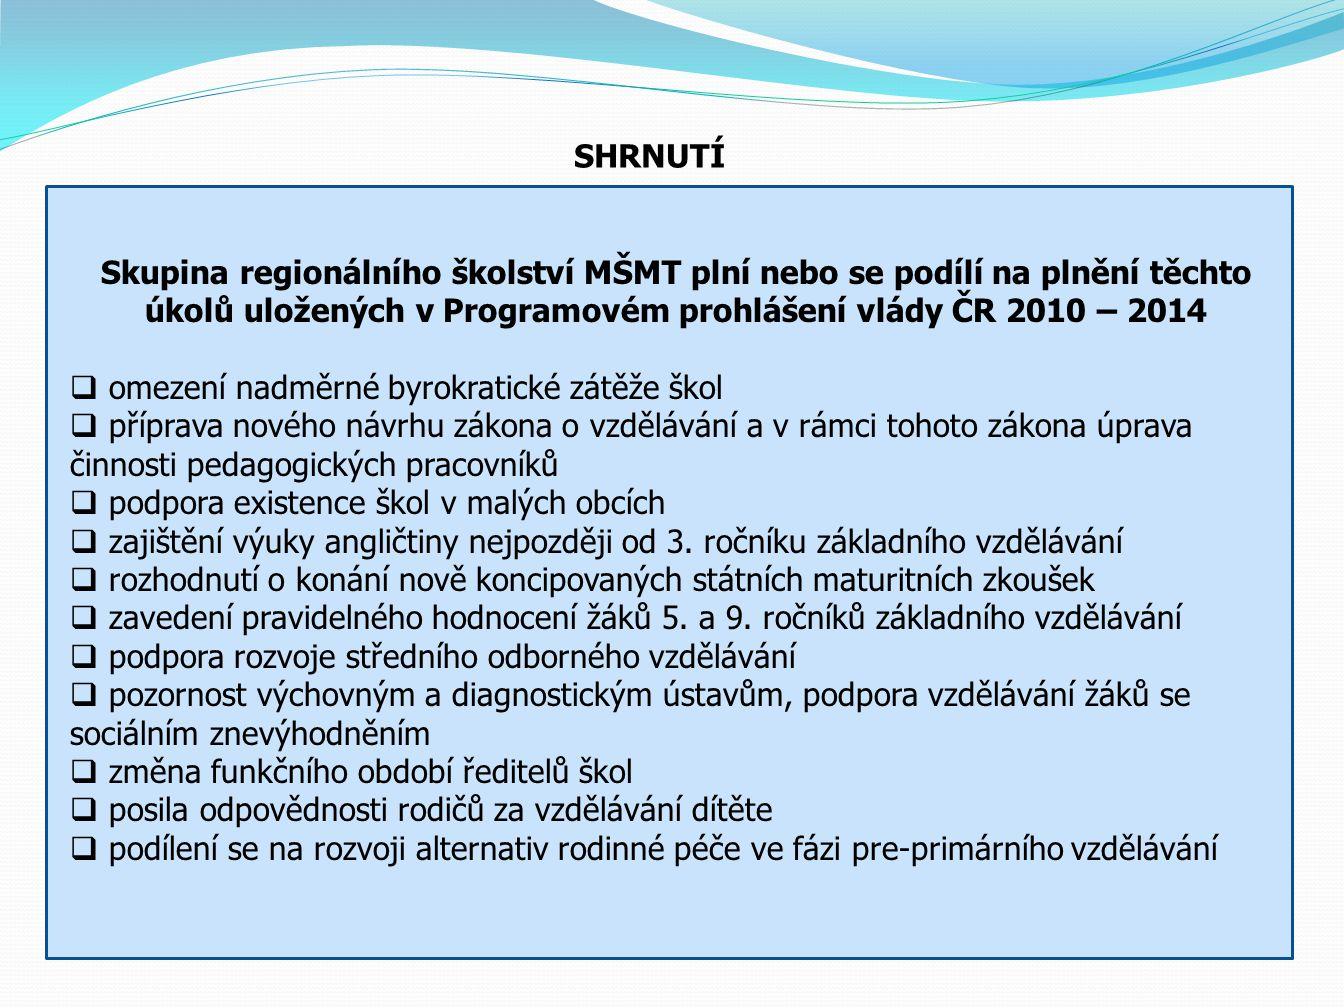 Ukázka modelového působení nového systému financování na obecní základní školy v působnosti obce III Jičín